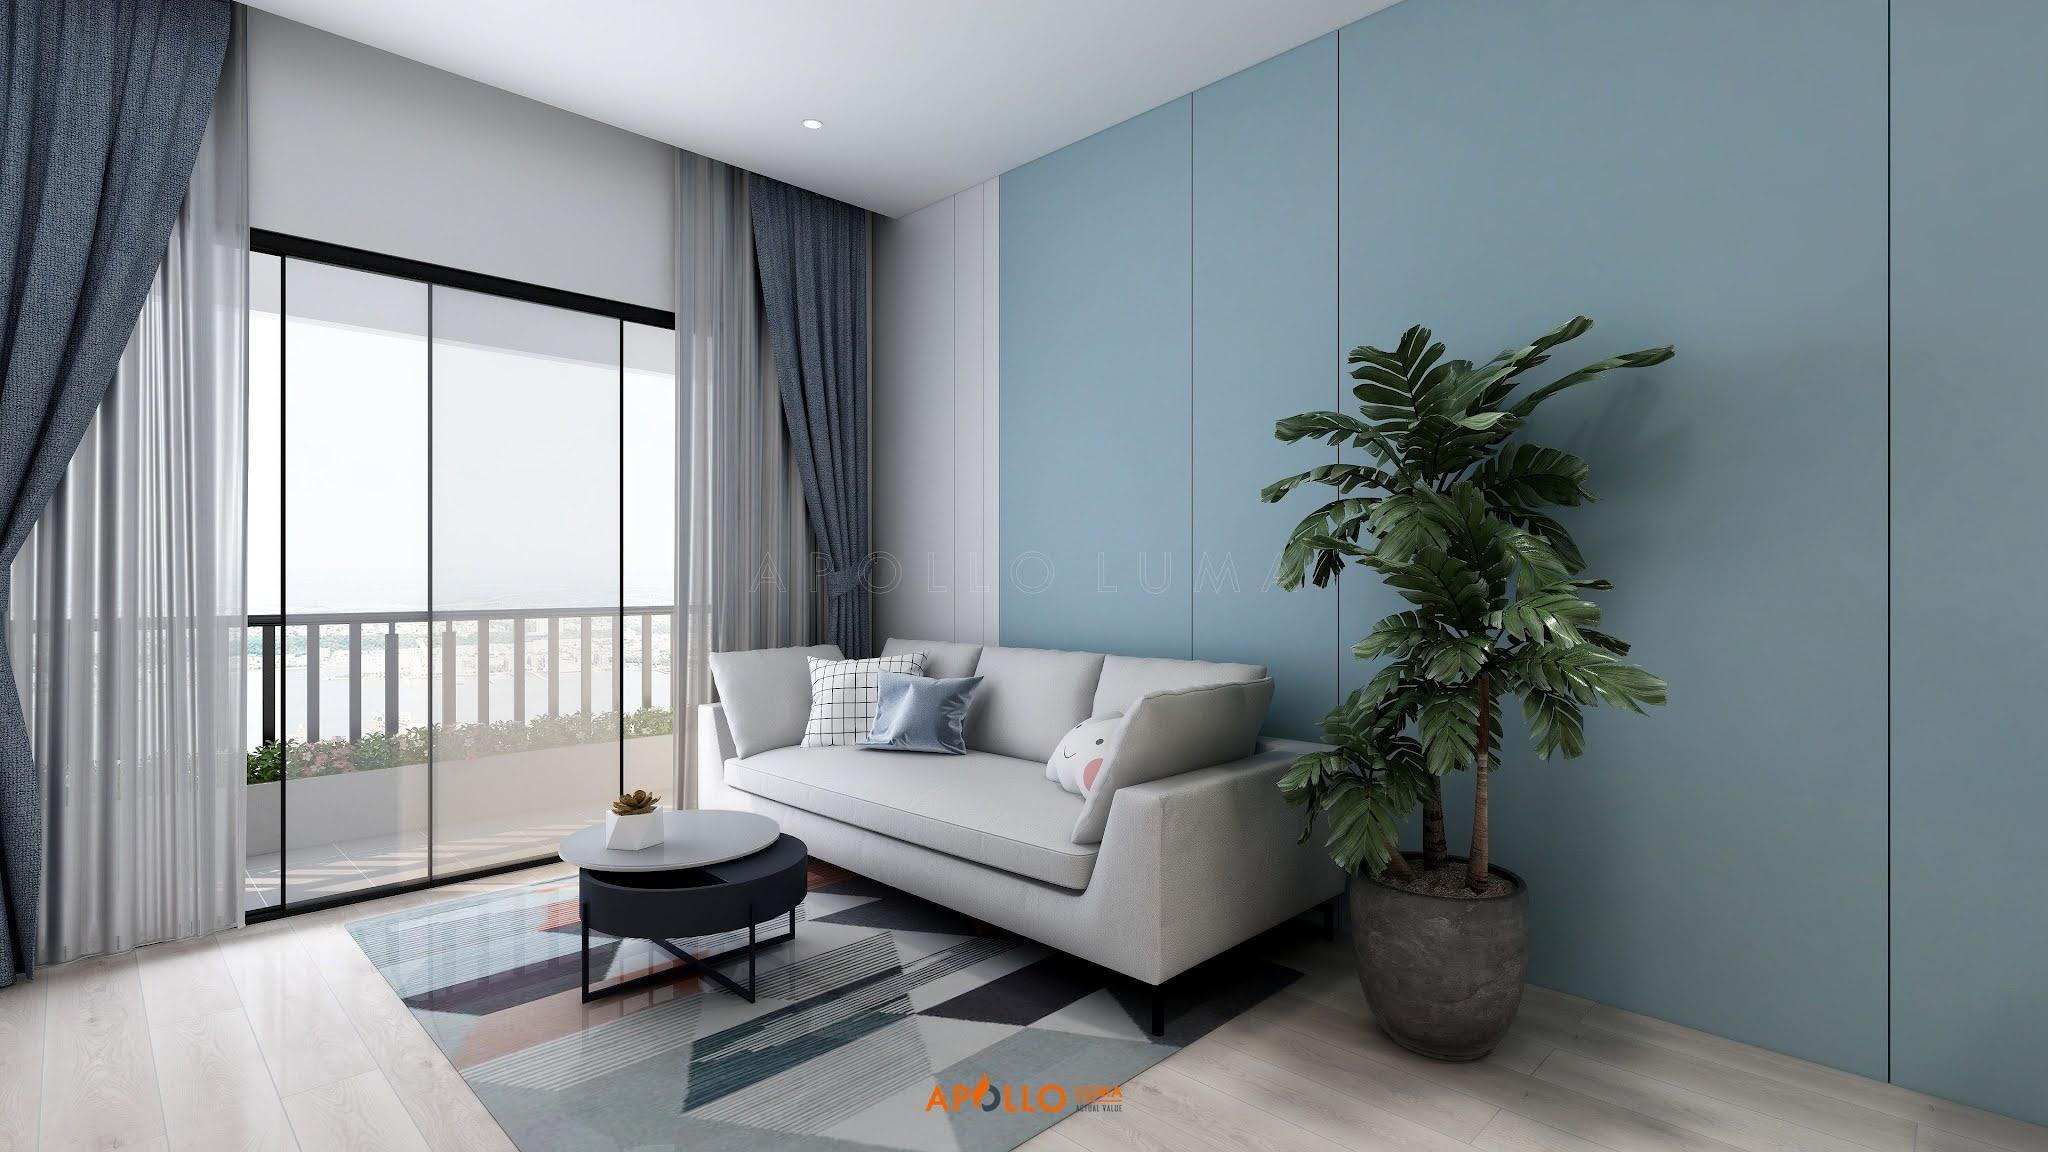 Thiết kế nội thất căn hộ 2PN (67.8m2) Phương Đông Green Park